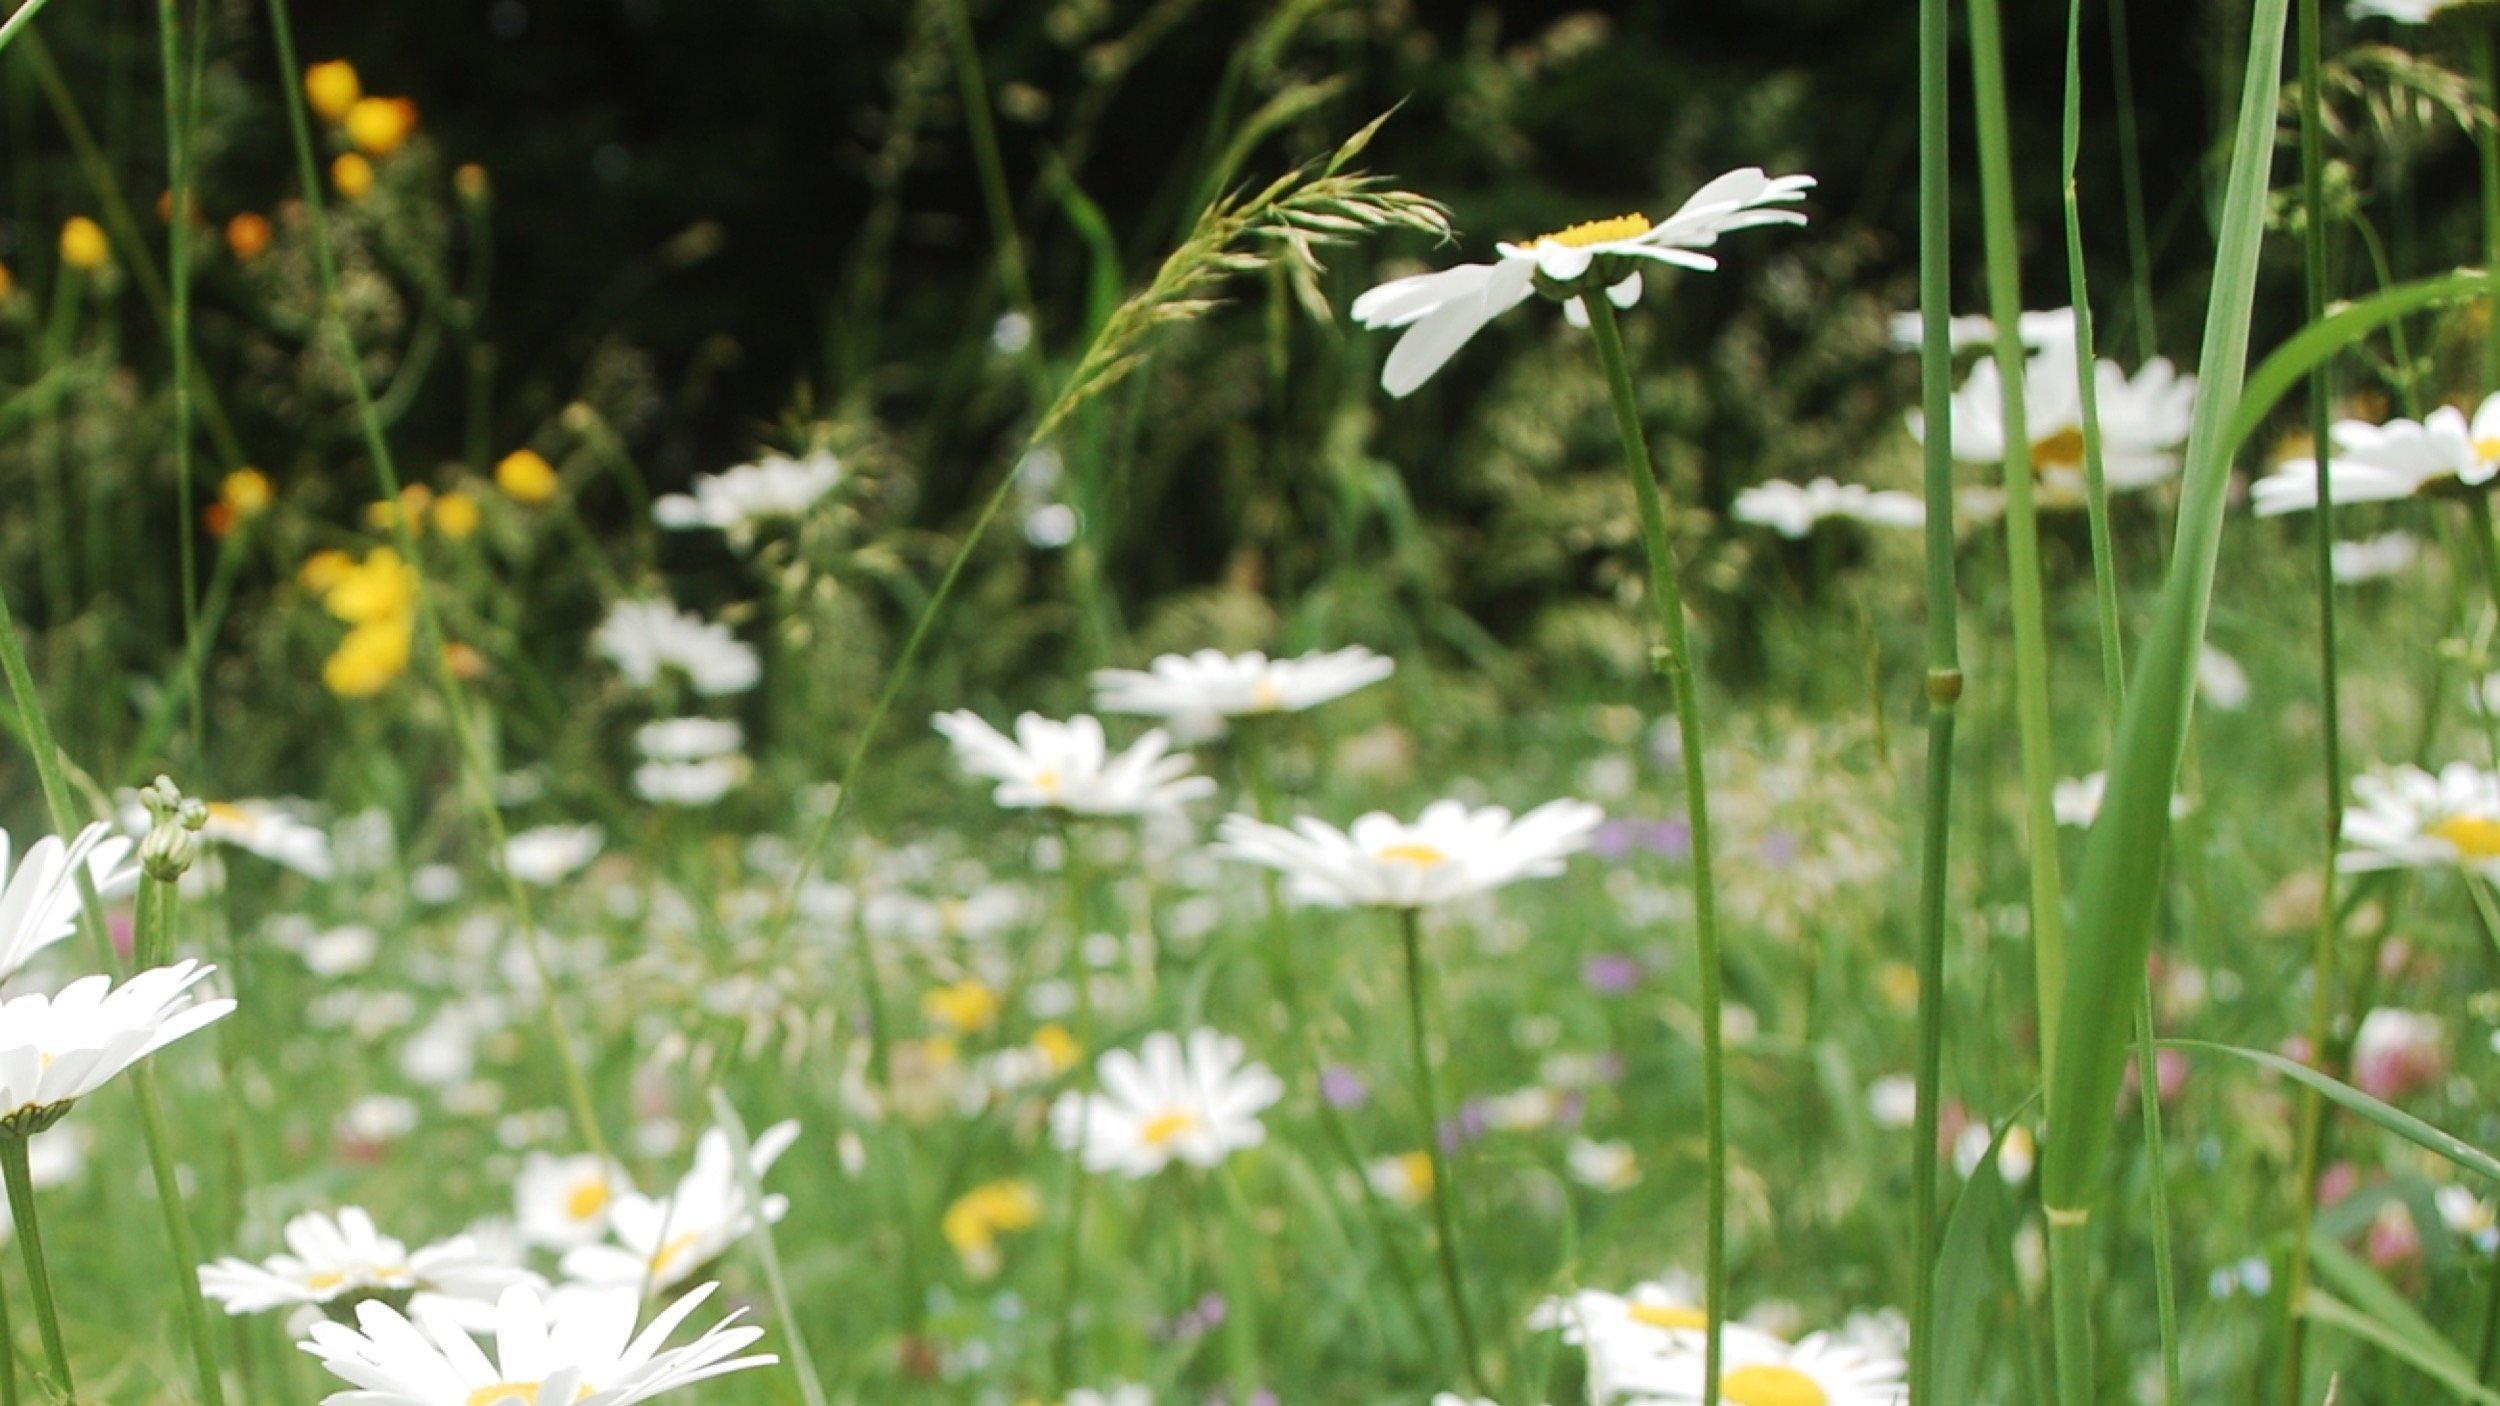 Nahaufnahme einiger kleinen, weißen Blumen auf einer Blumenwiese.